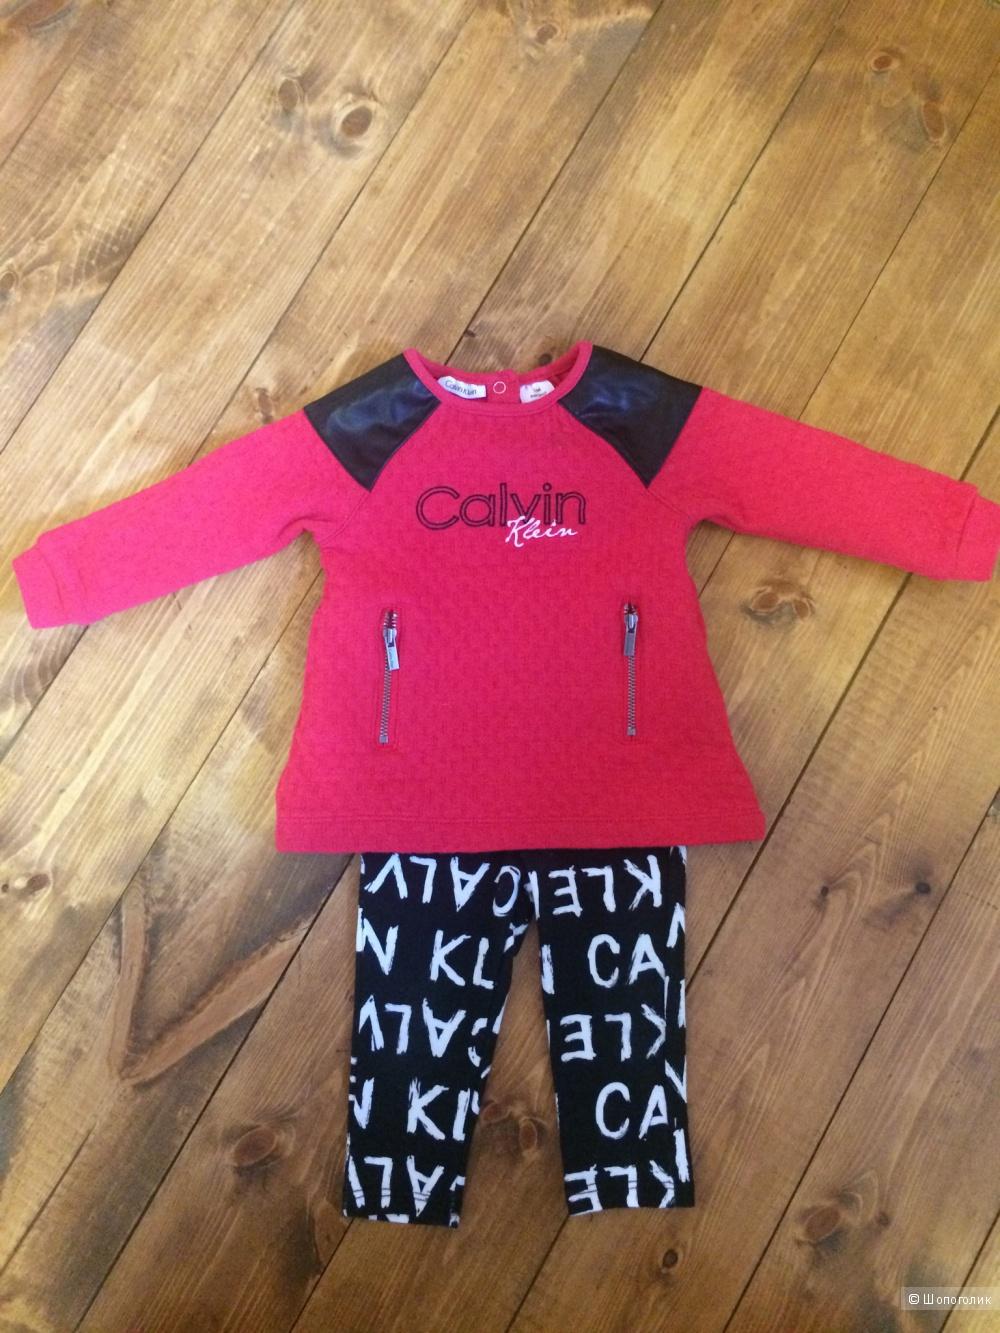 Костюм на девочку Calvin Klein,  размер 12 месяцев